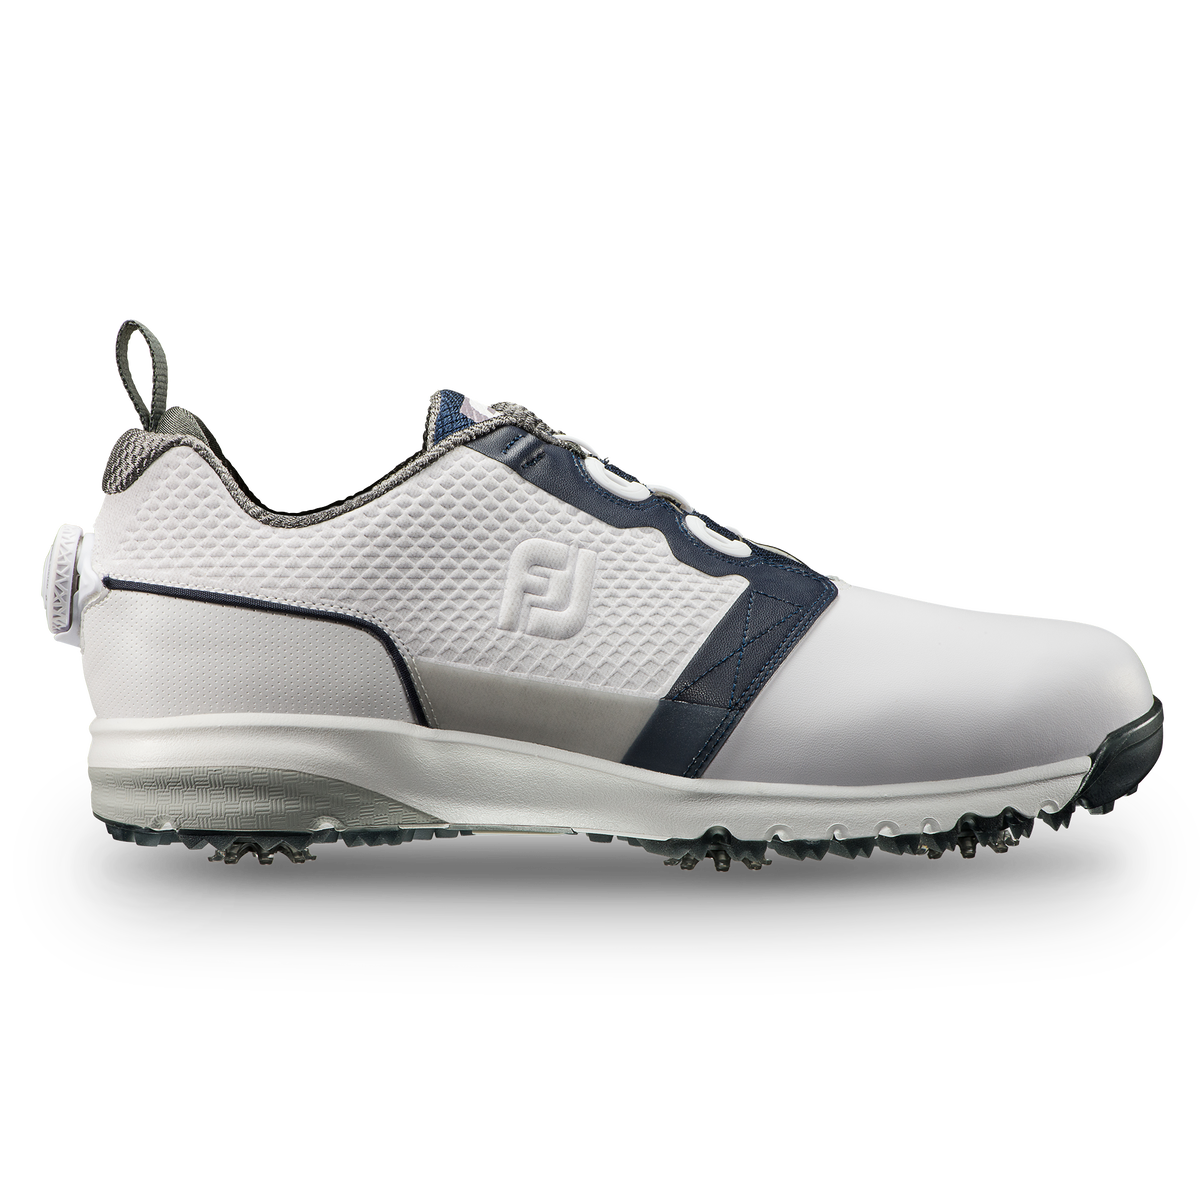 FootJoy Contour FIT BOA Men s Golf Shoe - White Navy 348b610742c